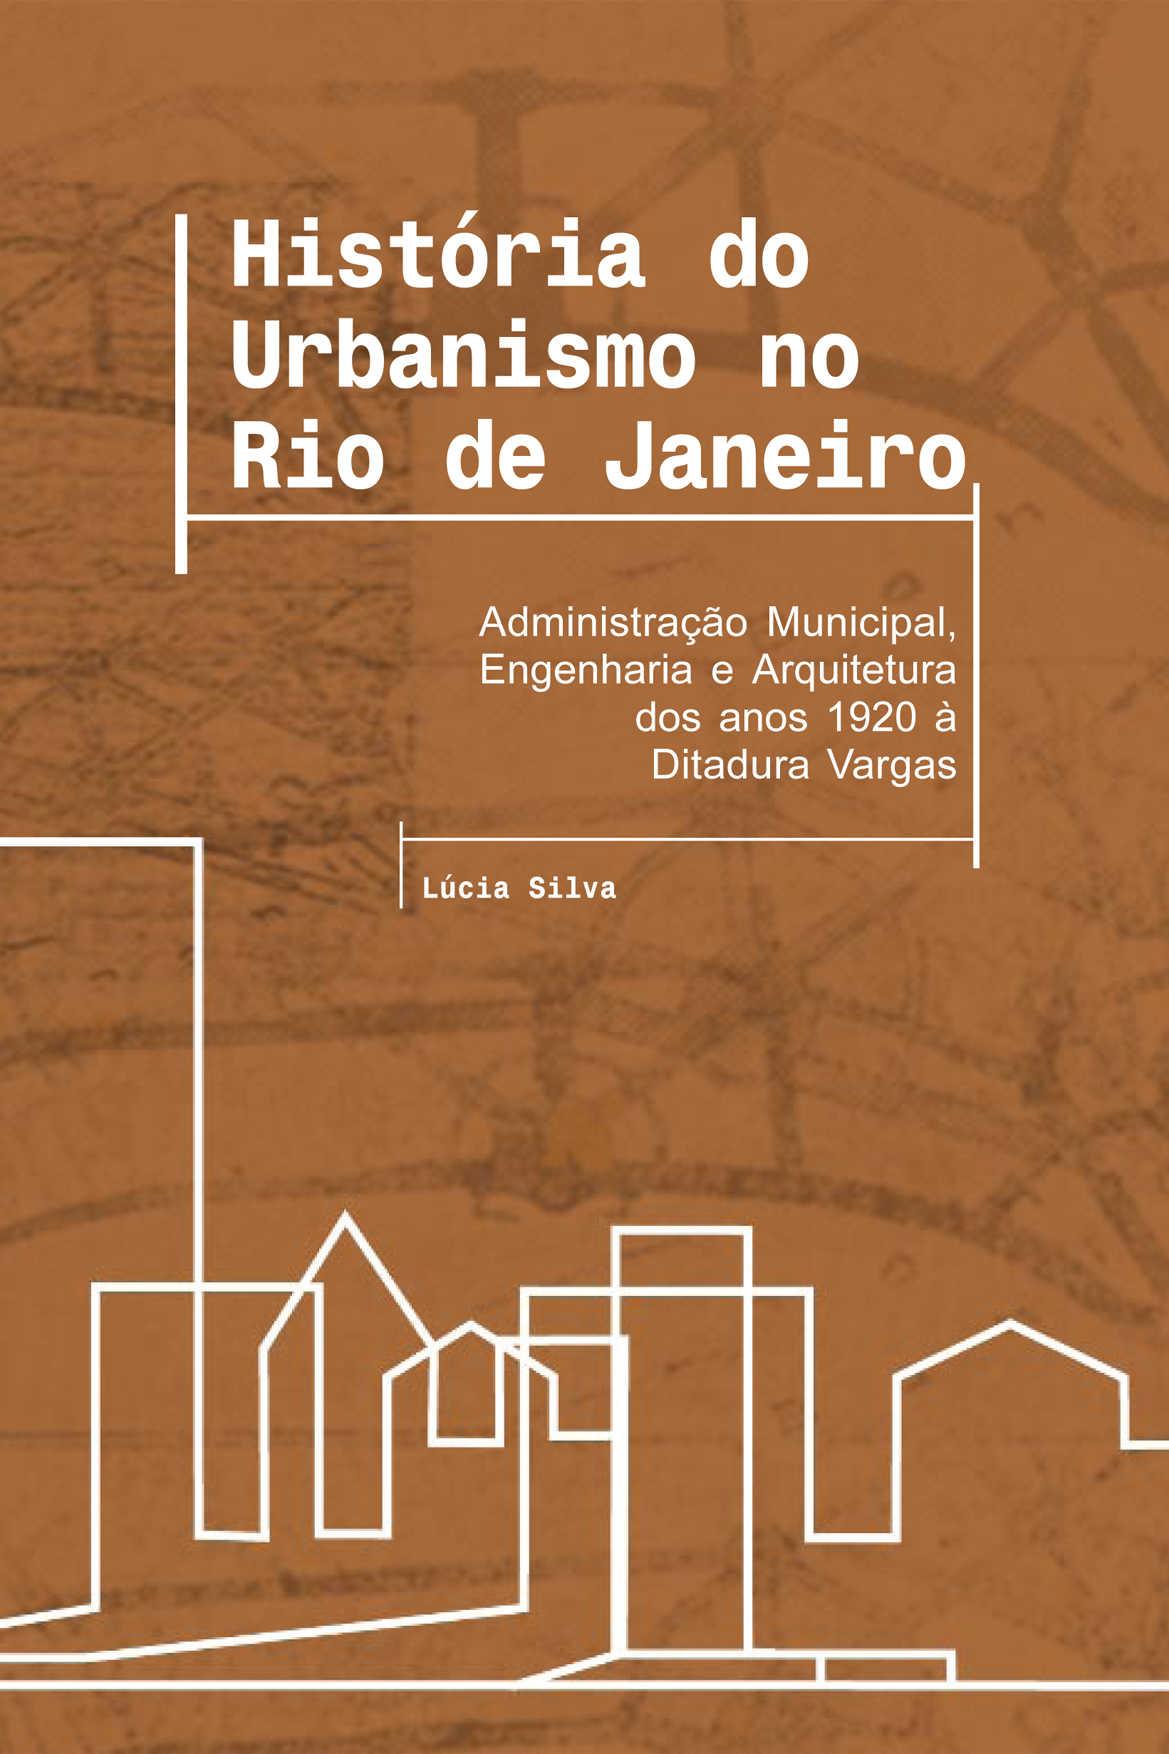 História do Urbanismo no Rio de Janeiro: Adm.Mun.,Eng.e Arq.dos anos 1920 à Ditadura Vargas